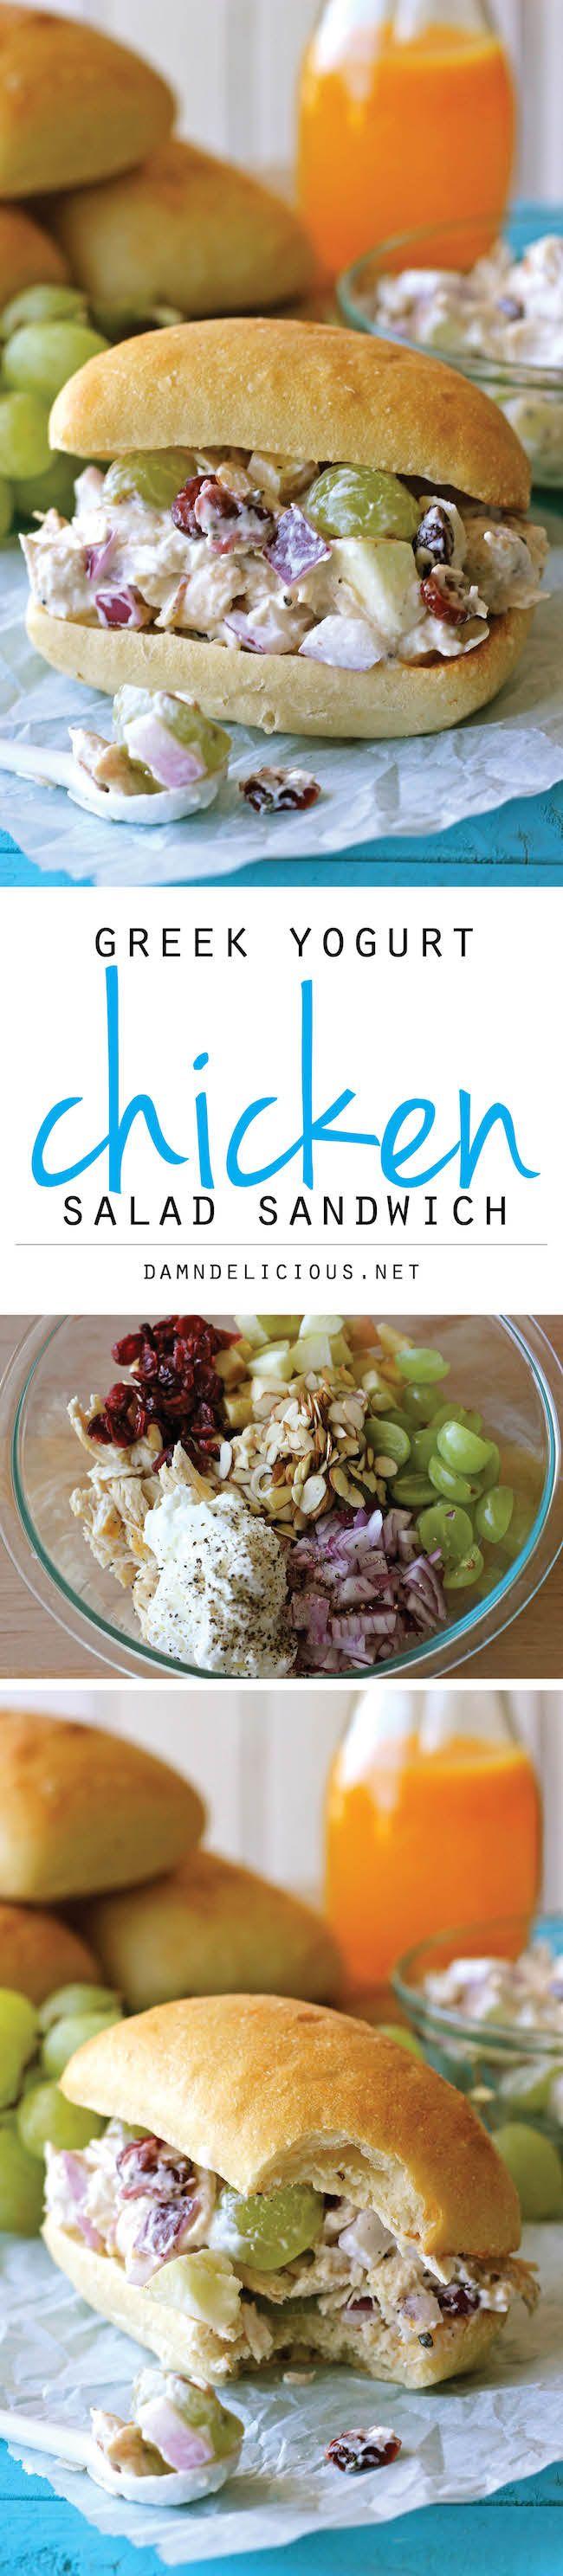 Greek Yogurt Chicken Salad Sandwich - minus the almonds